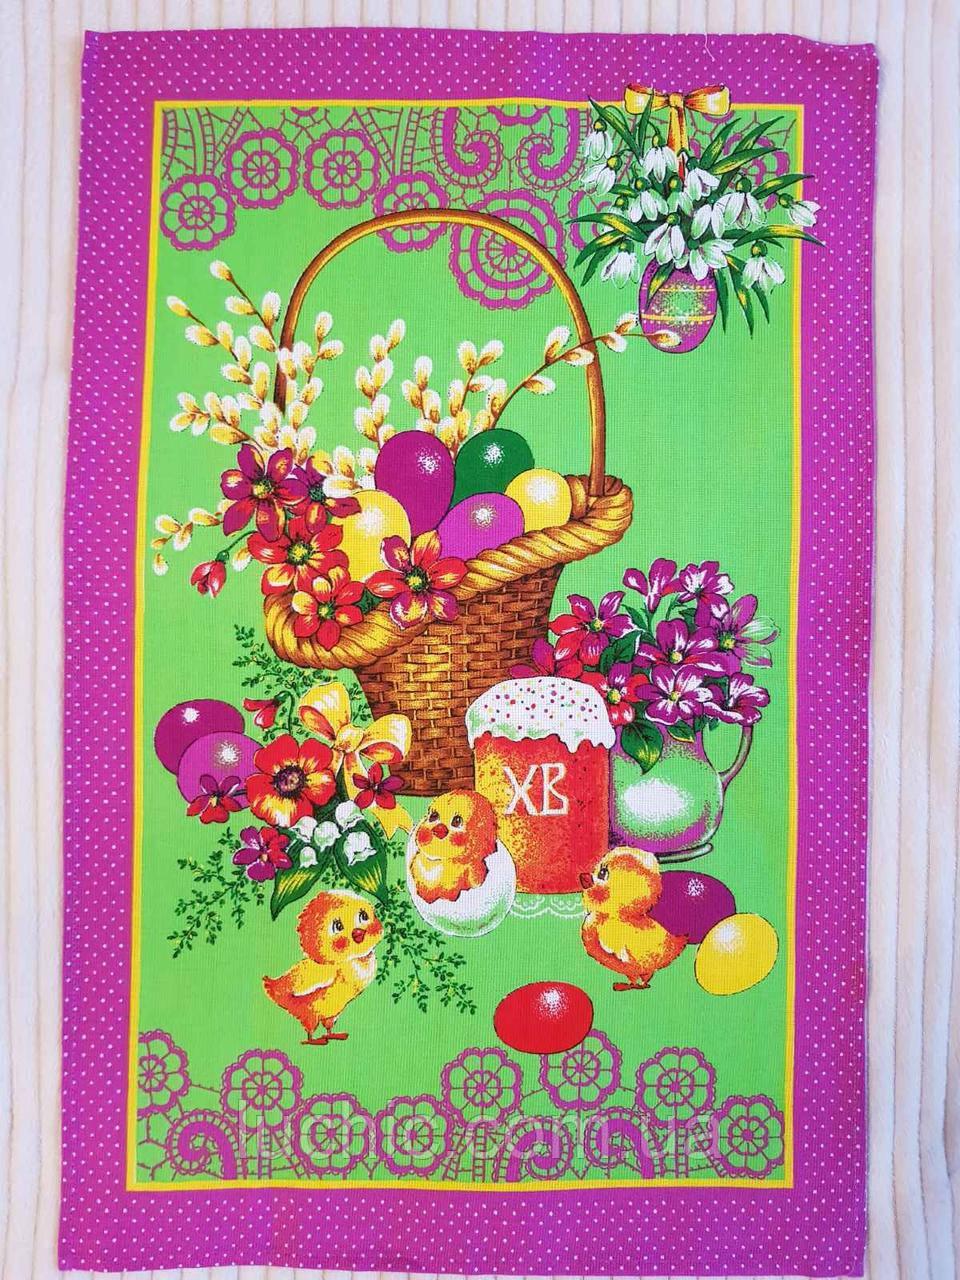 Пасхальные полотенца лен рушник на Пасху (В асортименте) 50х70 в уп. 10 шт произв. Тирасполь